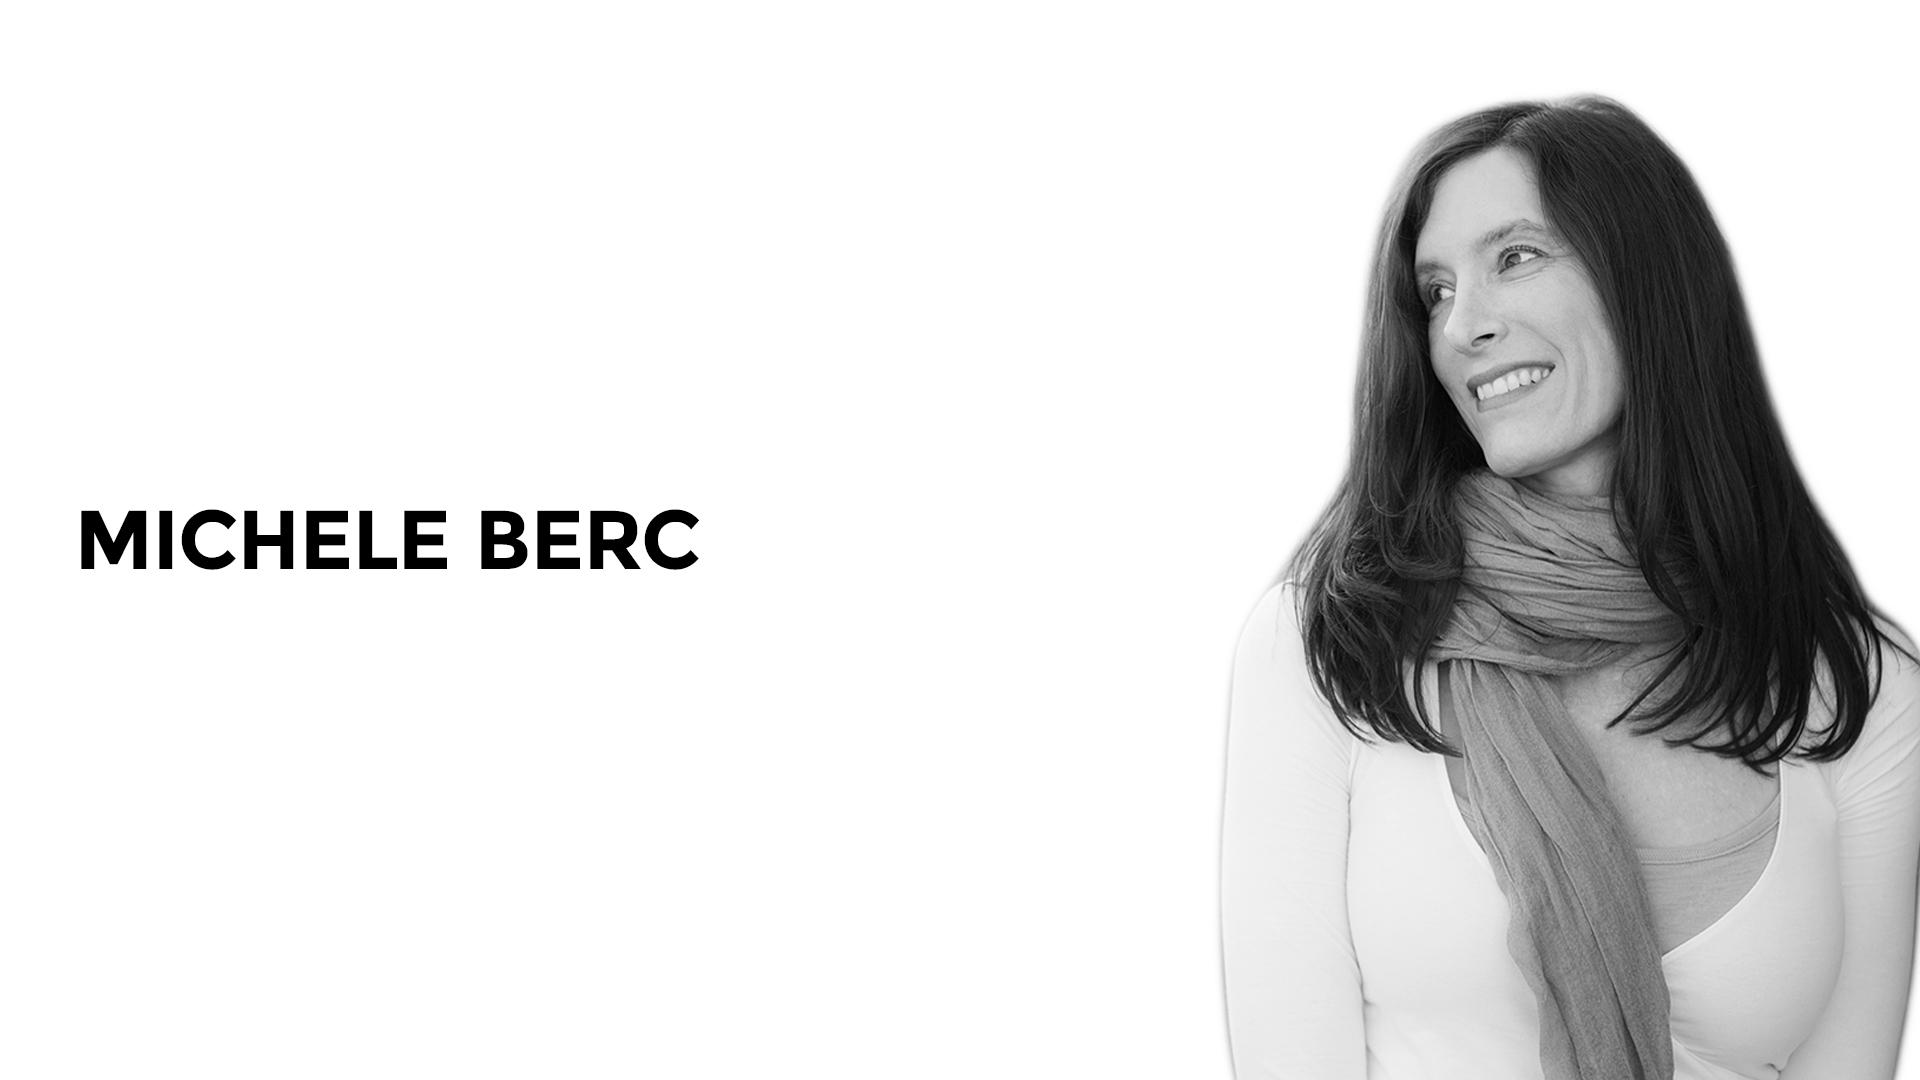 MICHELE-BERC.jpg